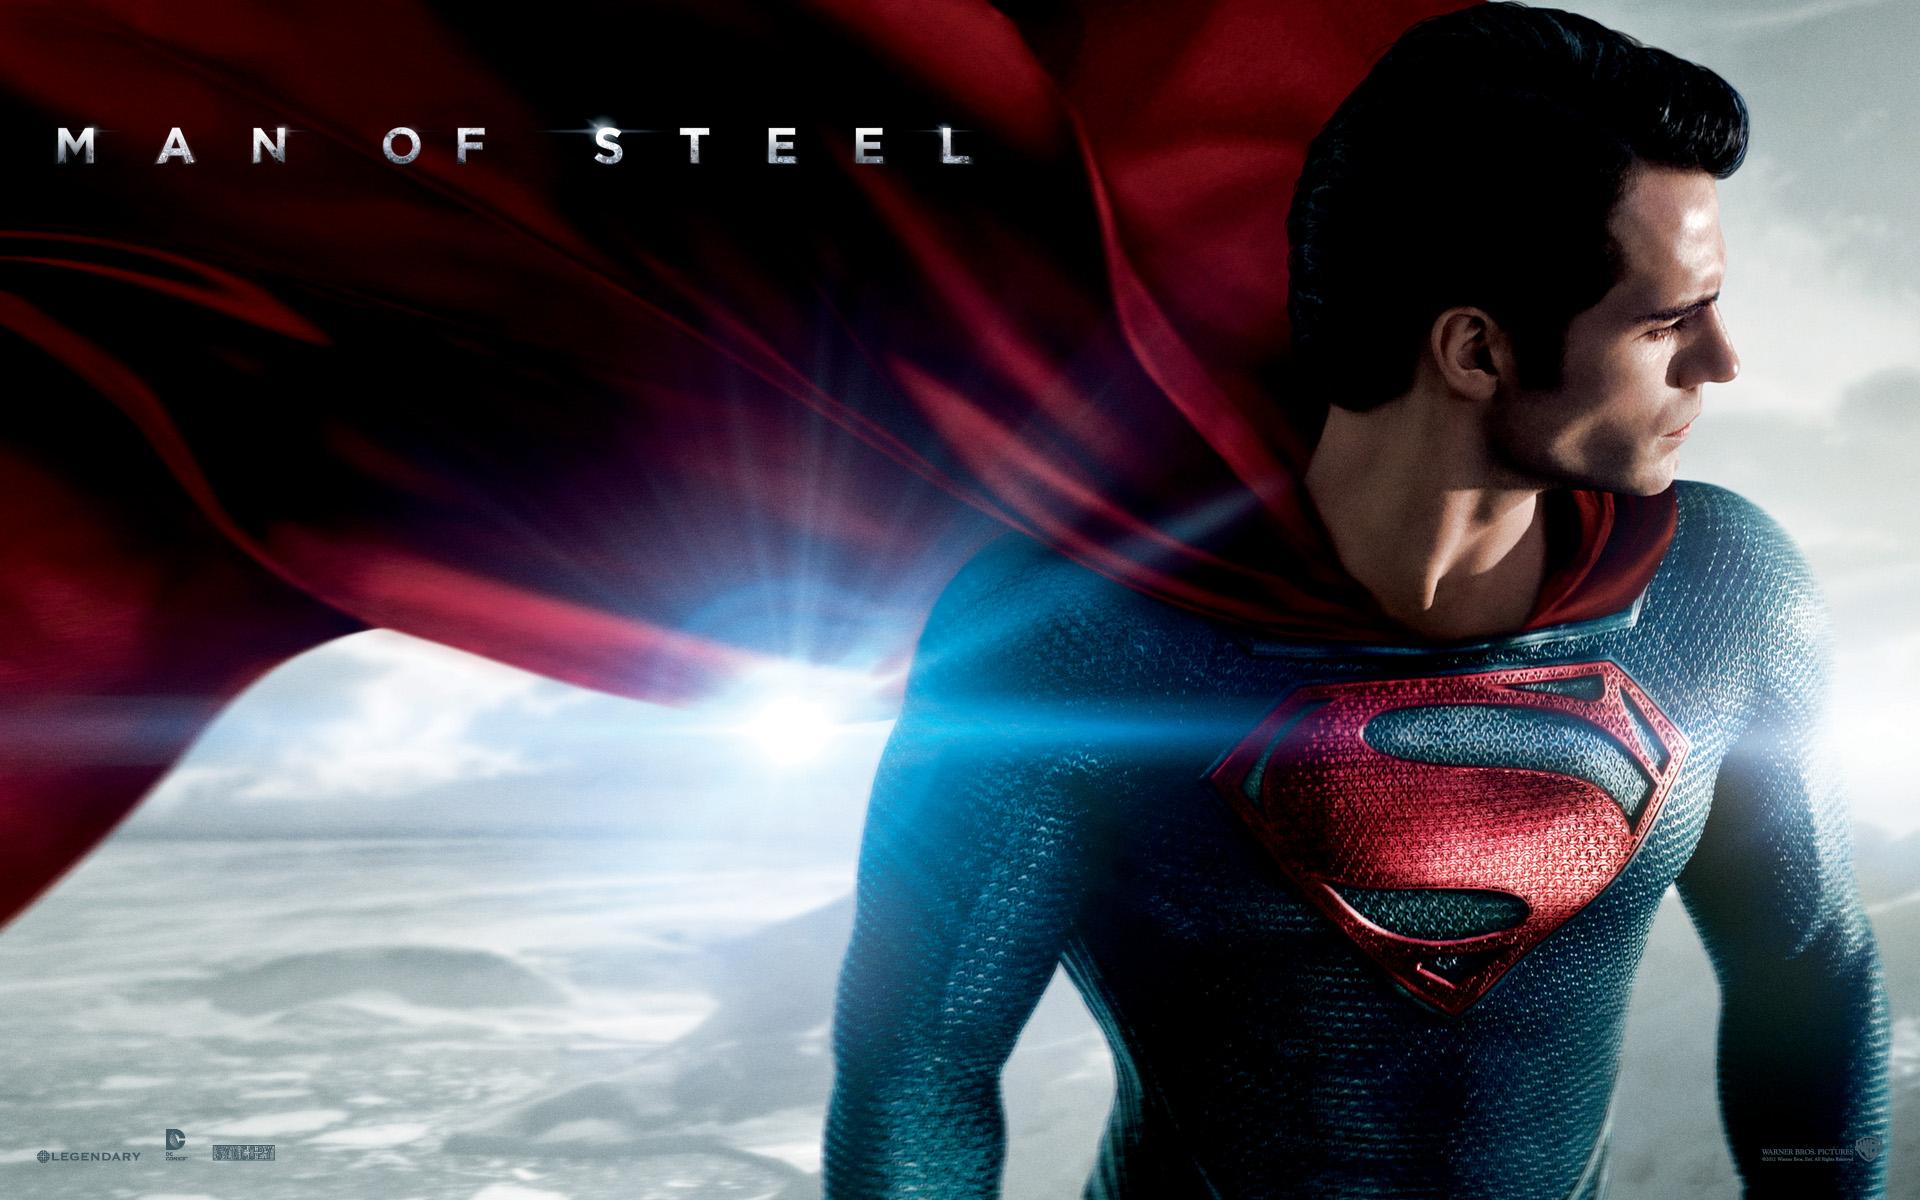 Fondos de pantalla de El Hombre de Acero, Wallpapers Man of Steel